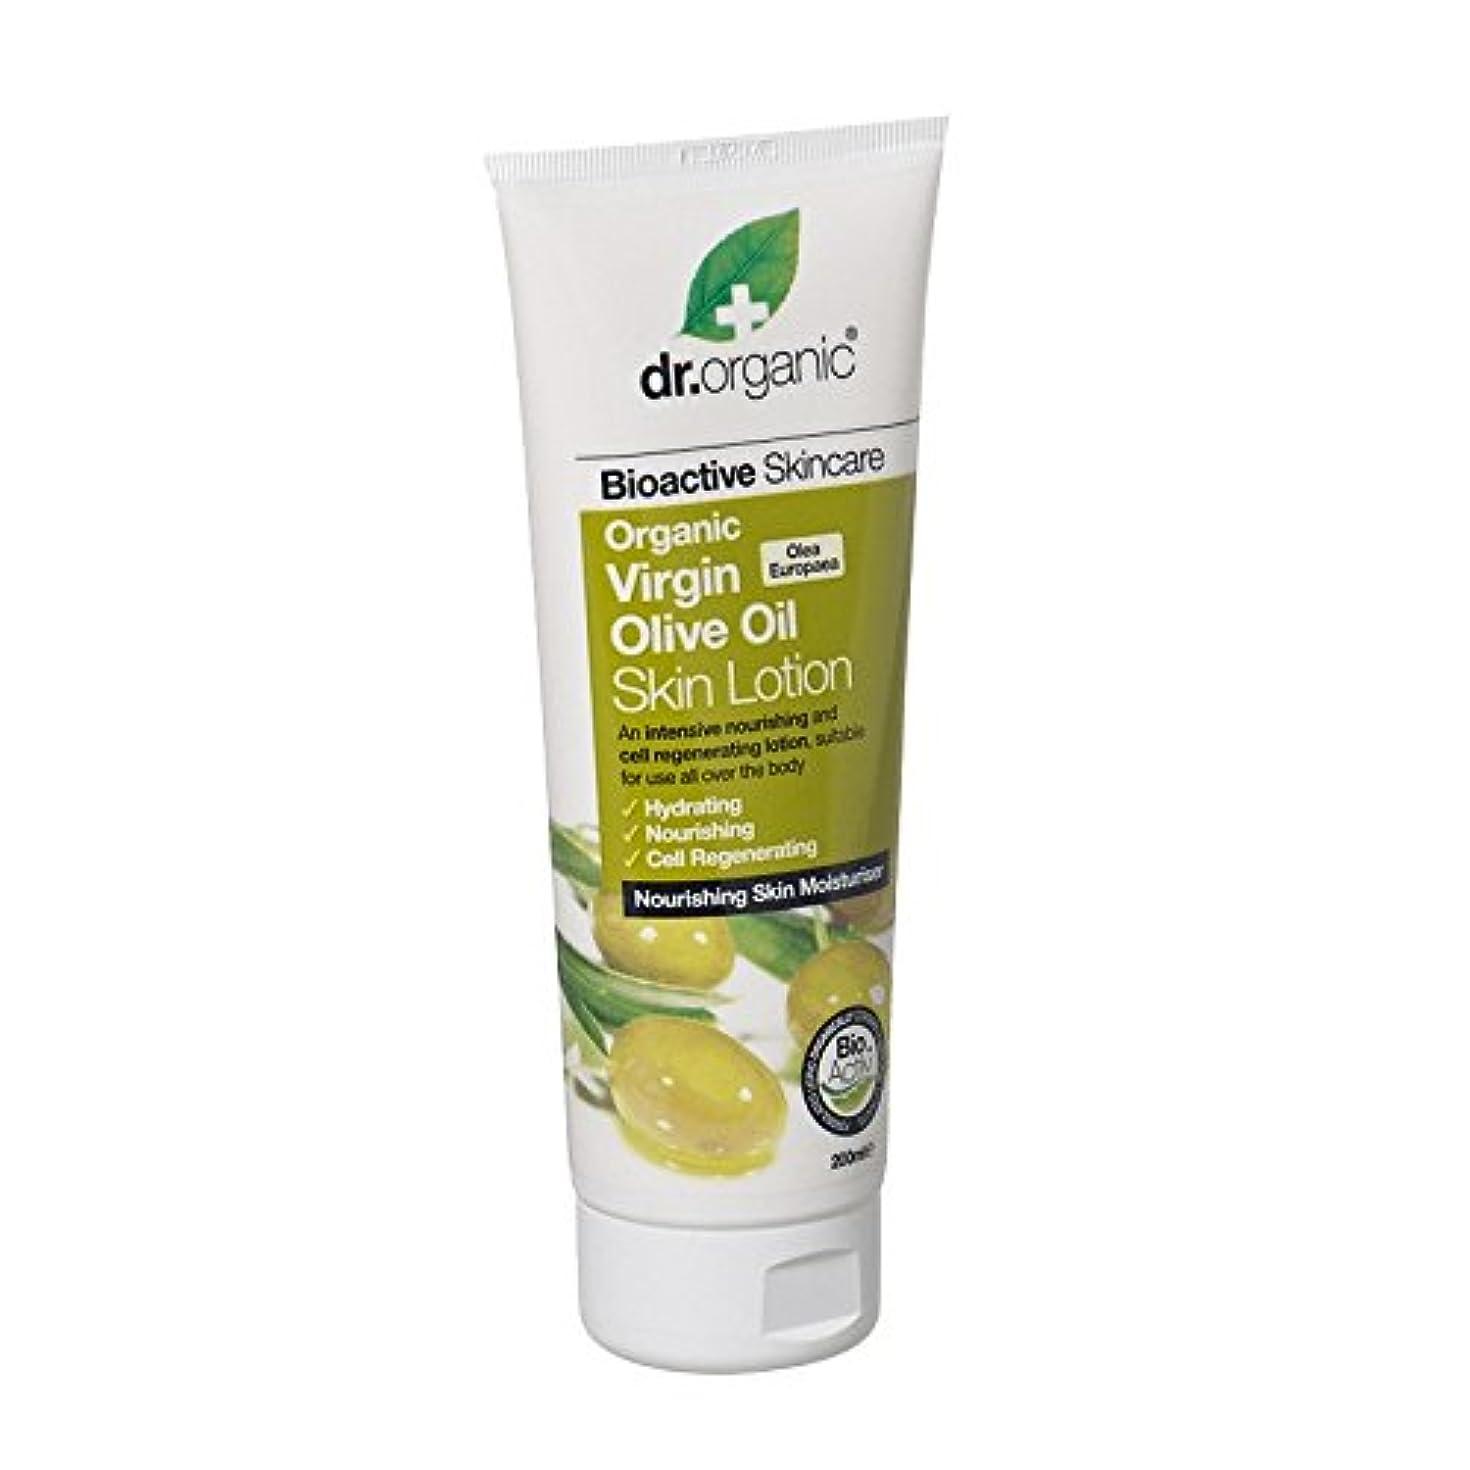 軽減するナラーバー仕方Dr Organic Virgin Olive Skin Lotion (Pack of 6) - Dr有機バージンオリーブスキンローション (x6) [並行輸入品]